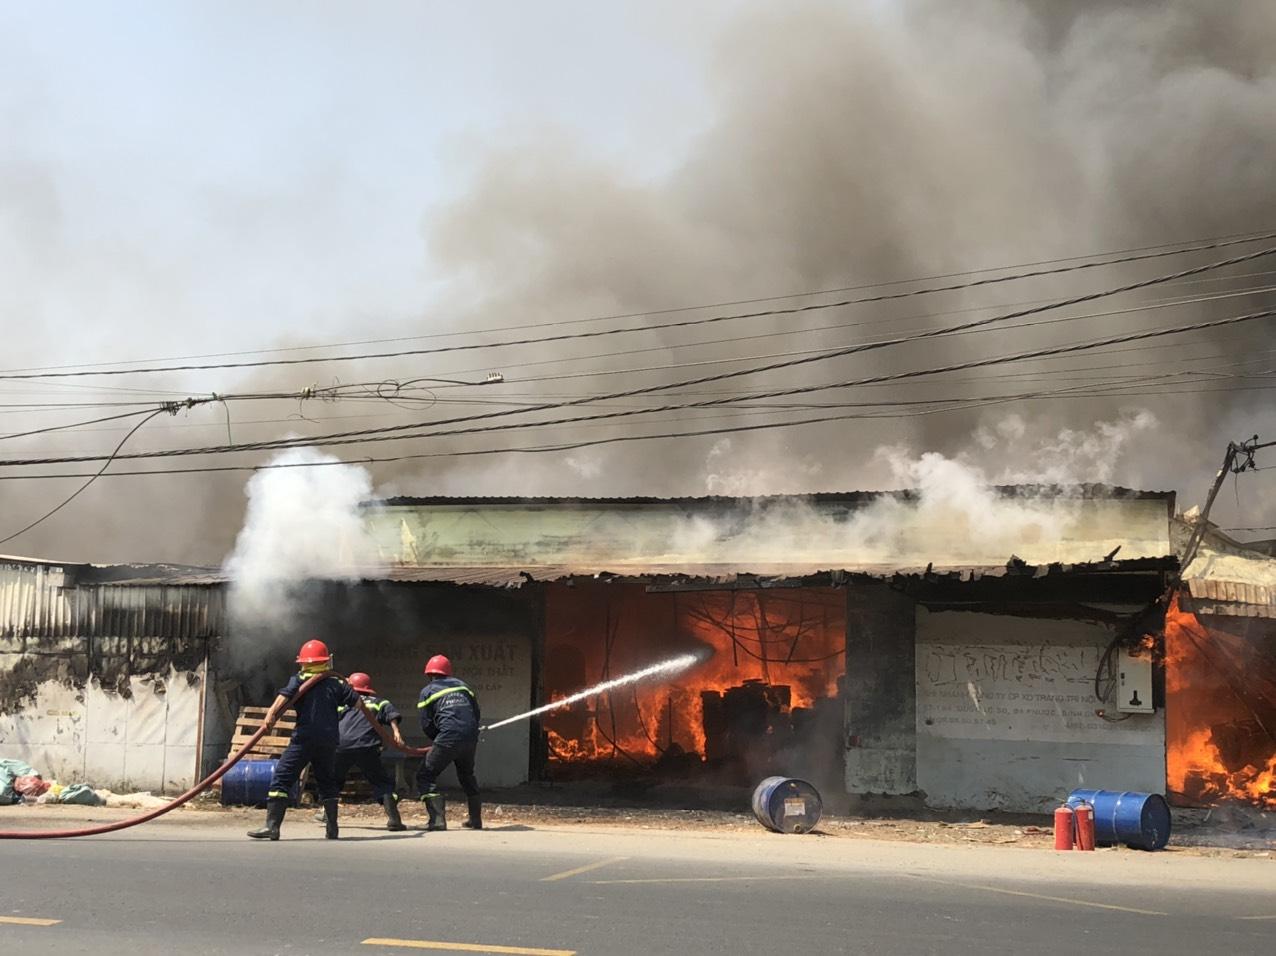 Hiện trường vụ cháy xưởng gỗ. Ảnh: PC07 cung cấp